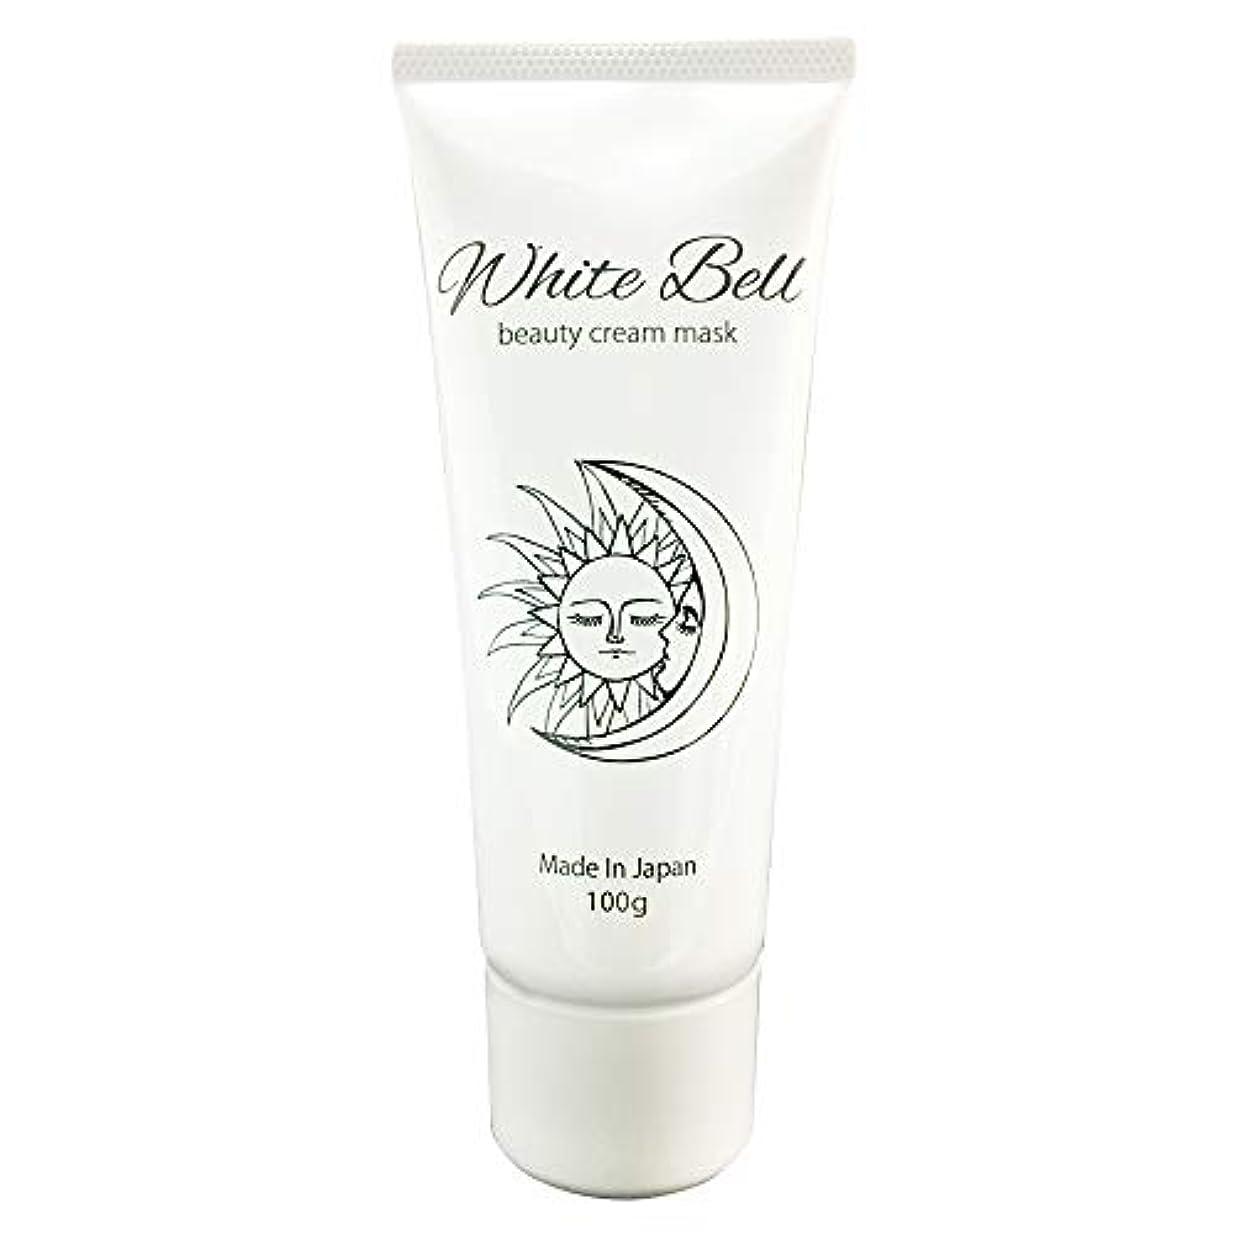 シャイコマンド規則性White Bell (ホワイトベル) フェイスマスク ジェルマスク ホワイトニング 美白